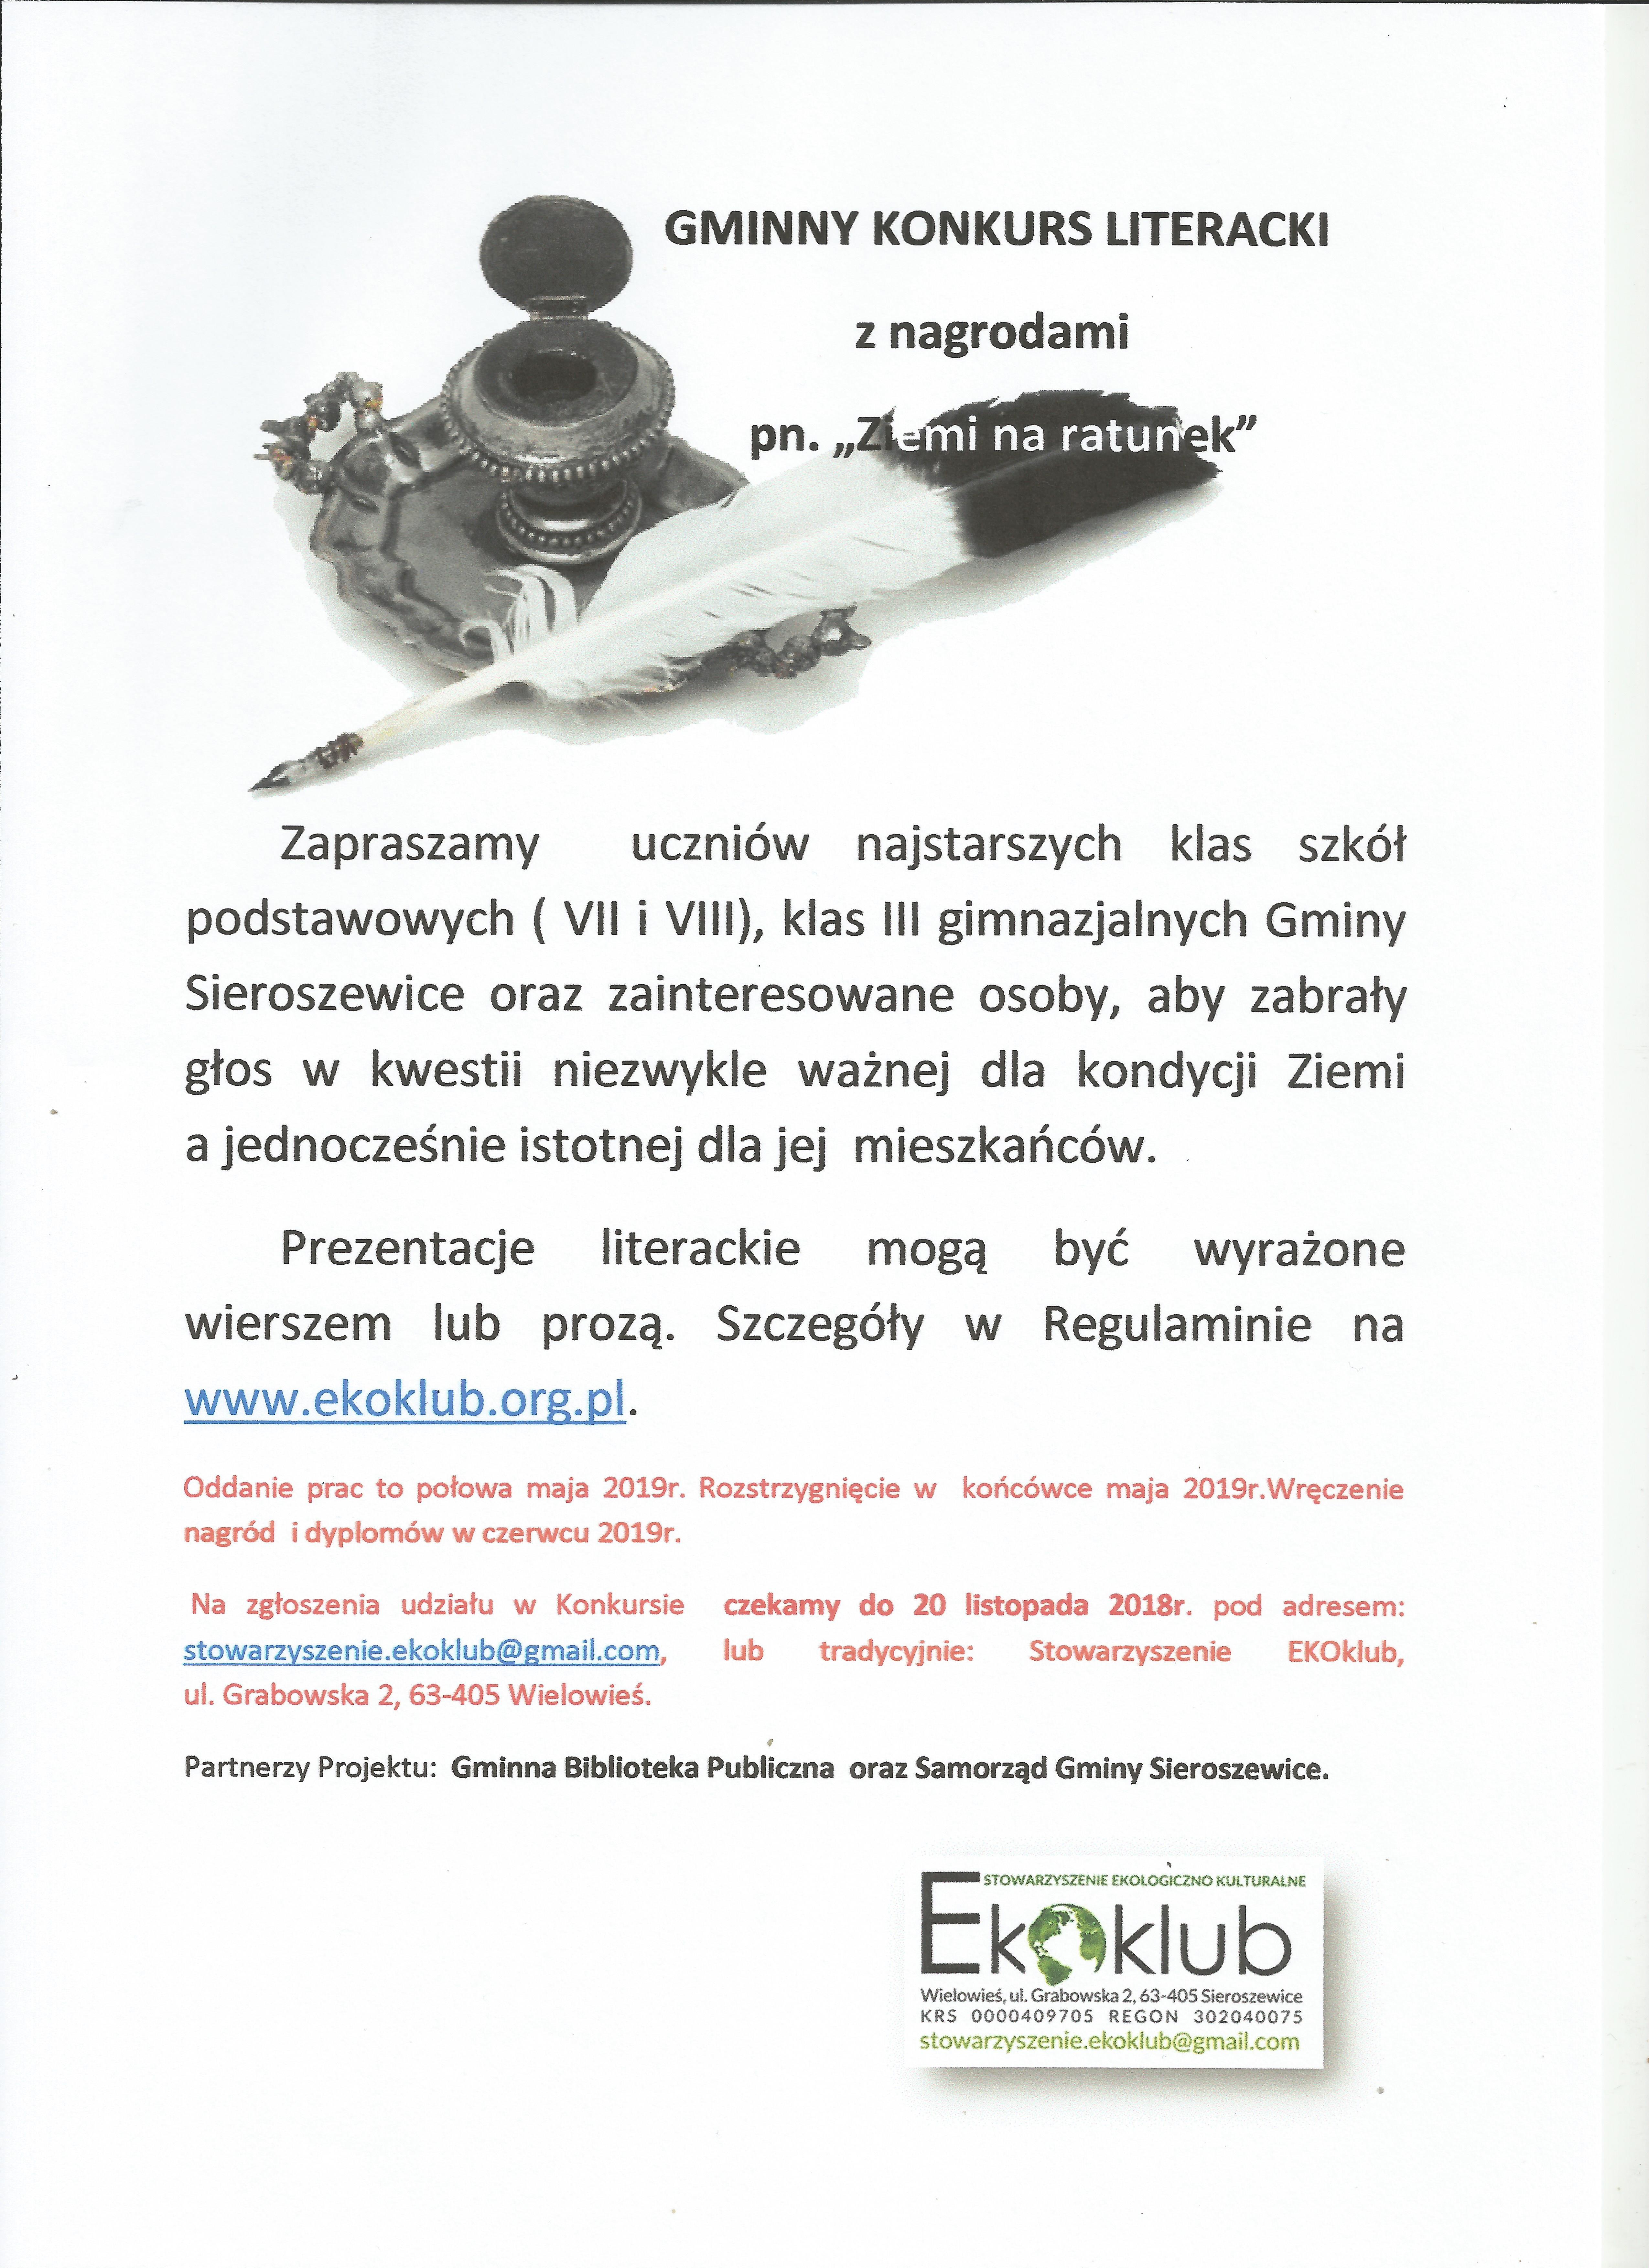 """Gminny Konkurs literacki pn. """"Ziemi na Ratunek"""" z nagrodami"""